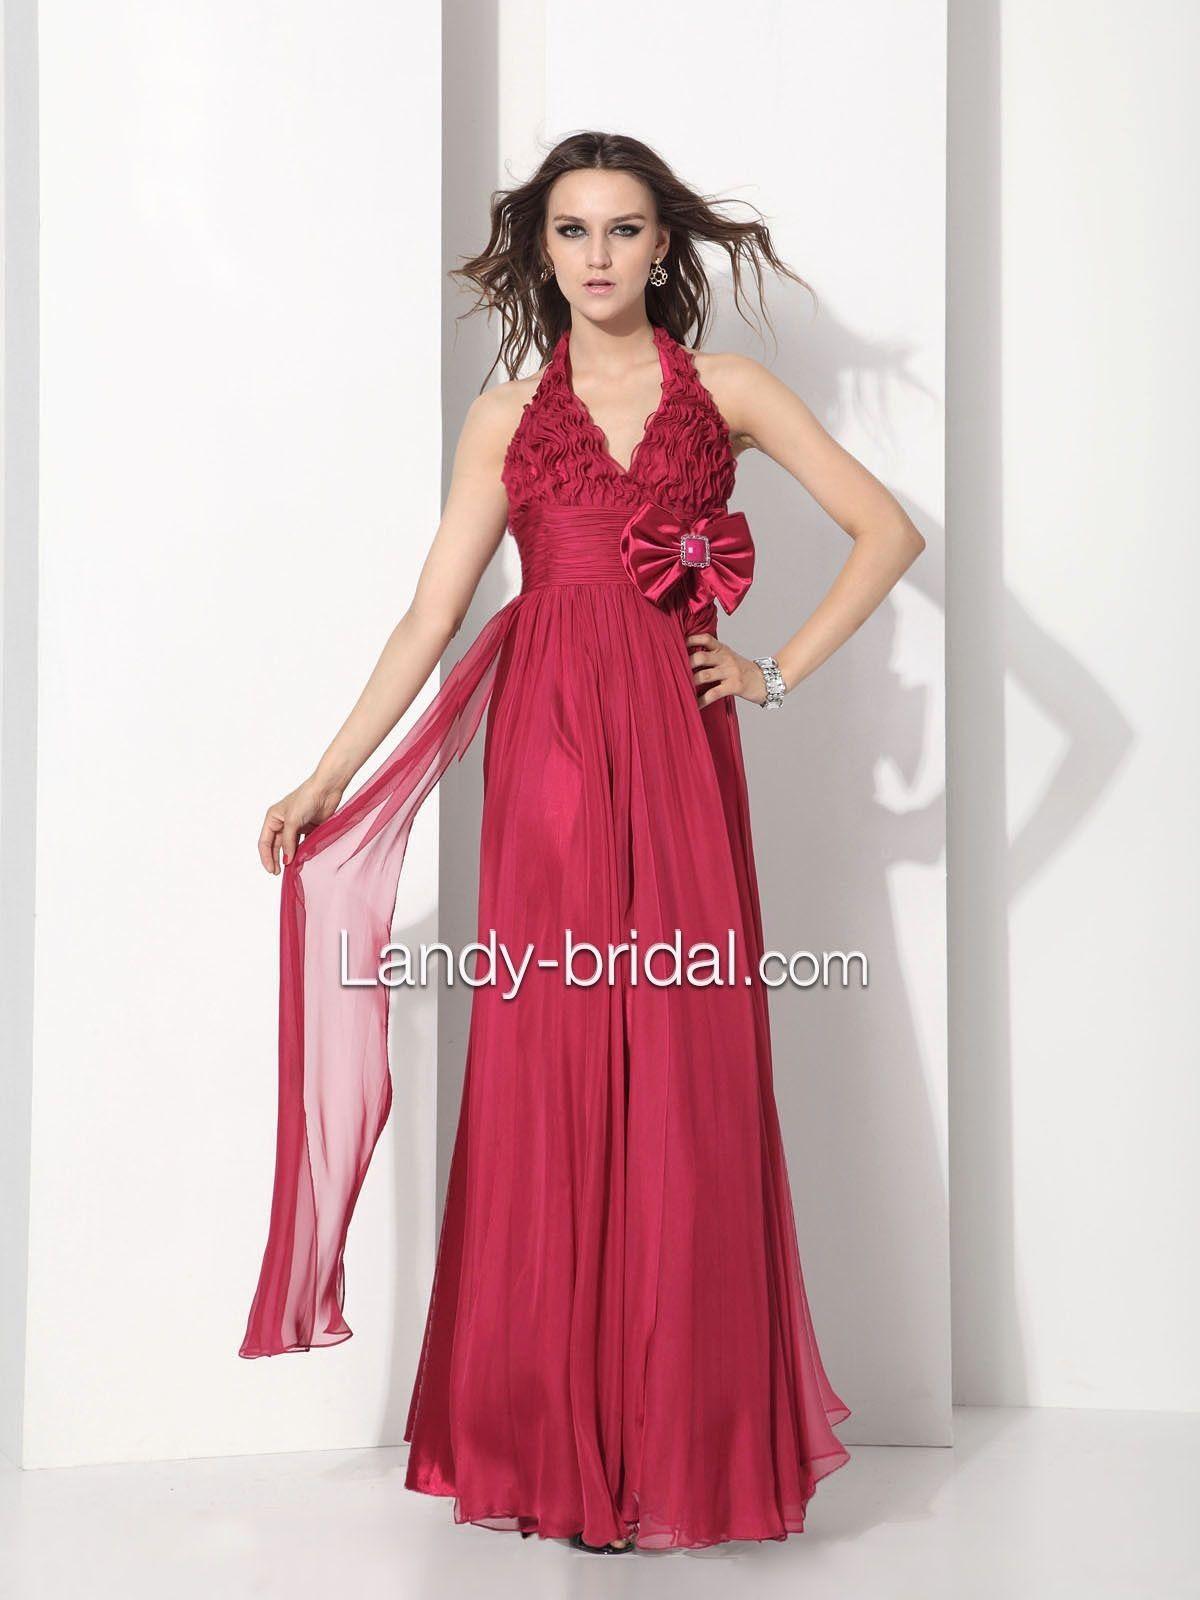 Neckholder Column Bodenlang Rot Chiffon Abendkleid F12018 $199.99 Abendkleider